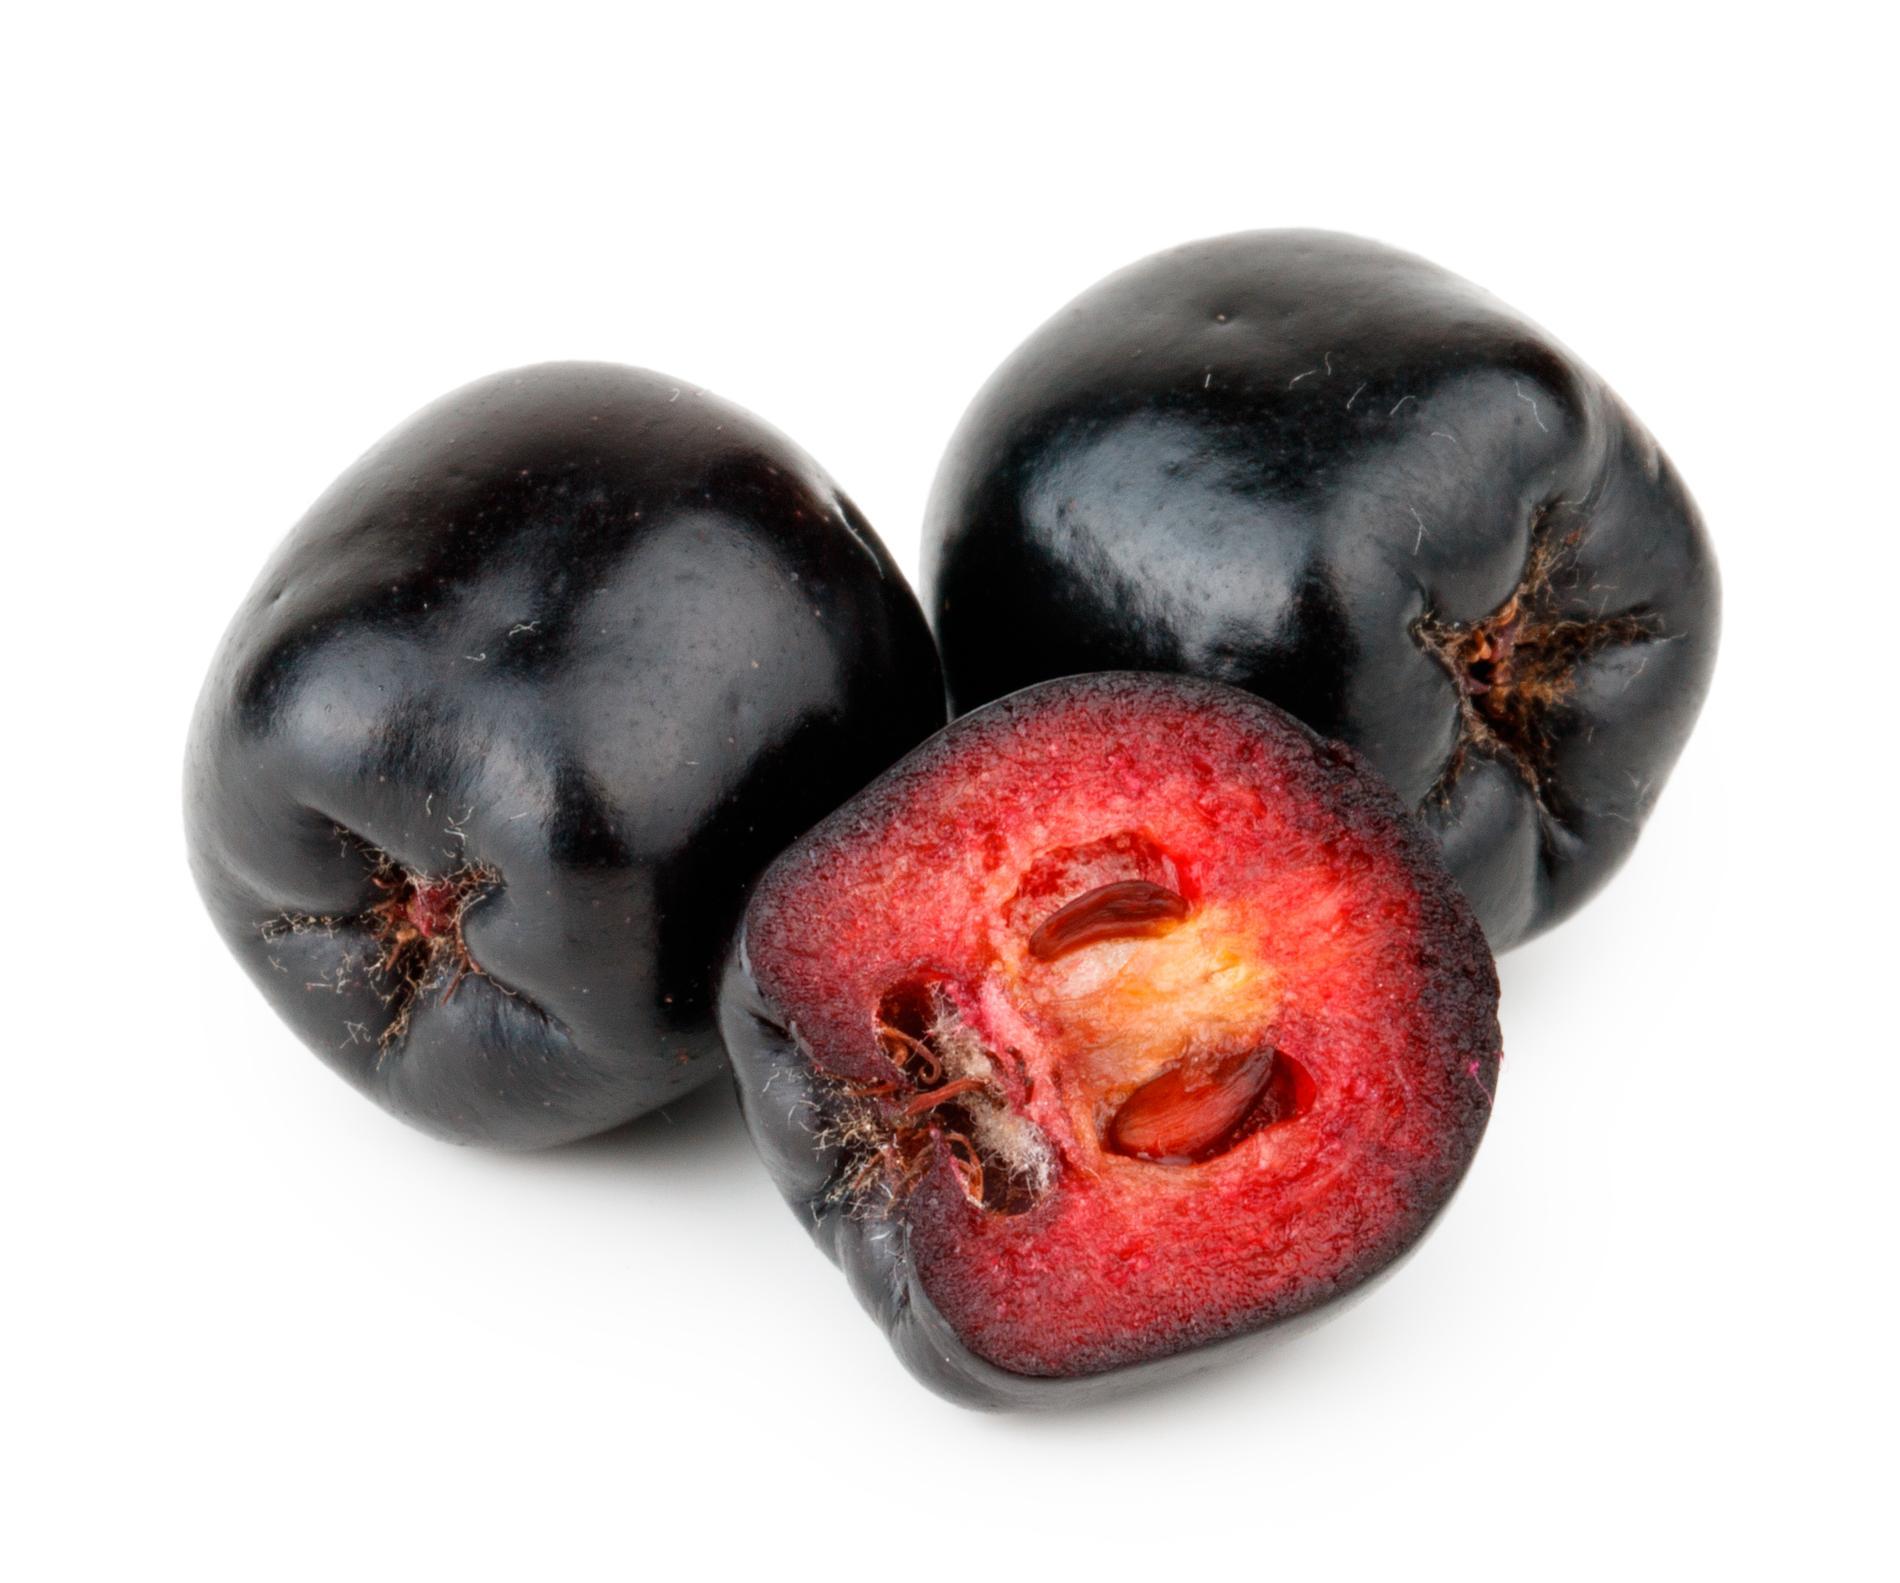 I välsorterade mataffärer kan du hitta aroniabär i frysdisken.